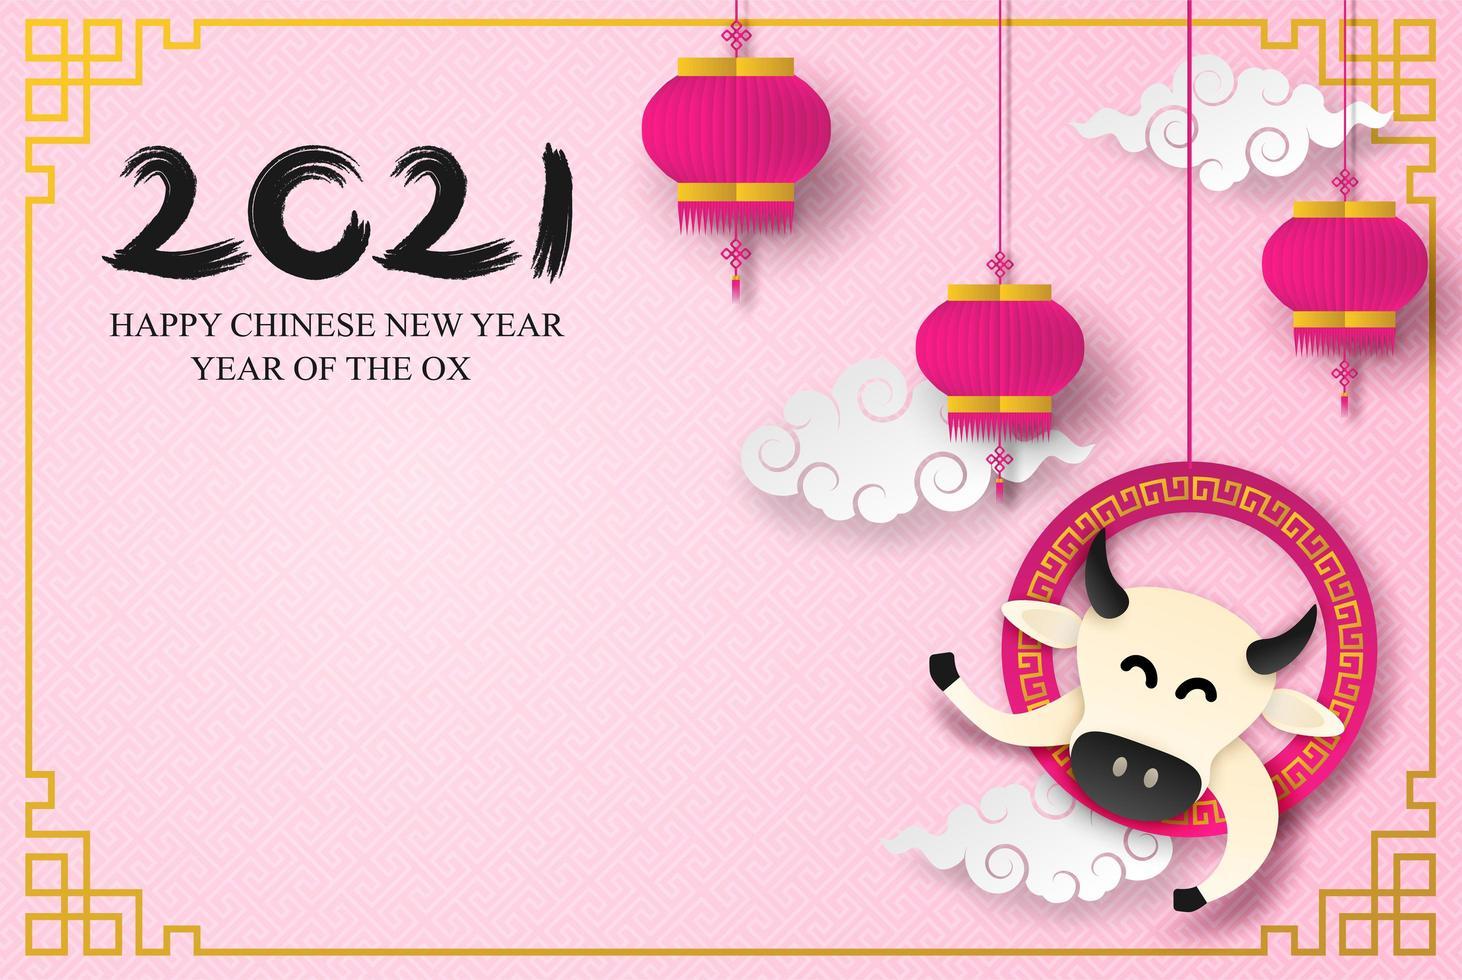 carta tagliata design del nuovo anno cinese con lanterne rosa vettore